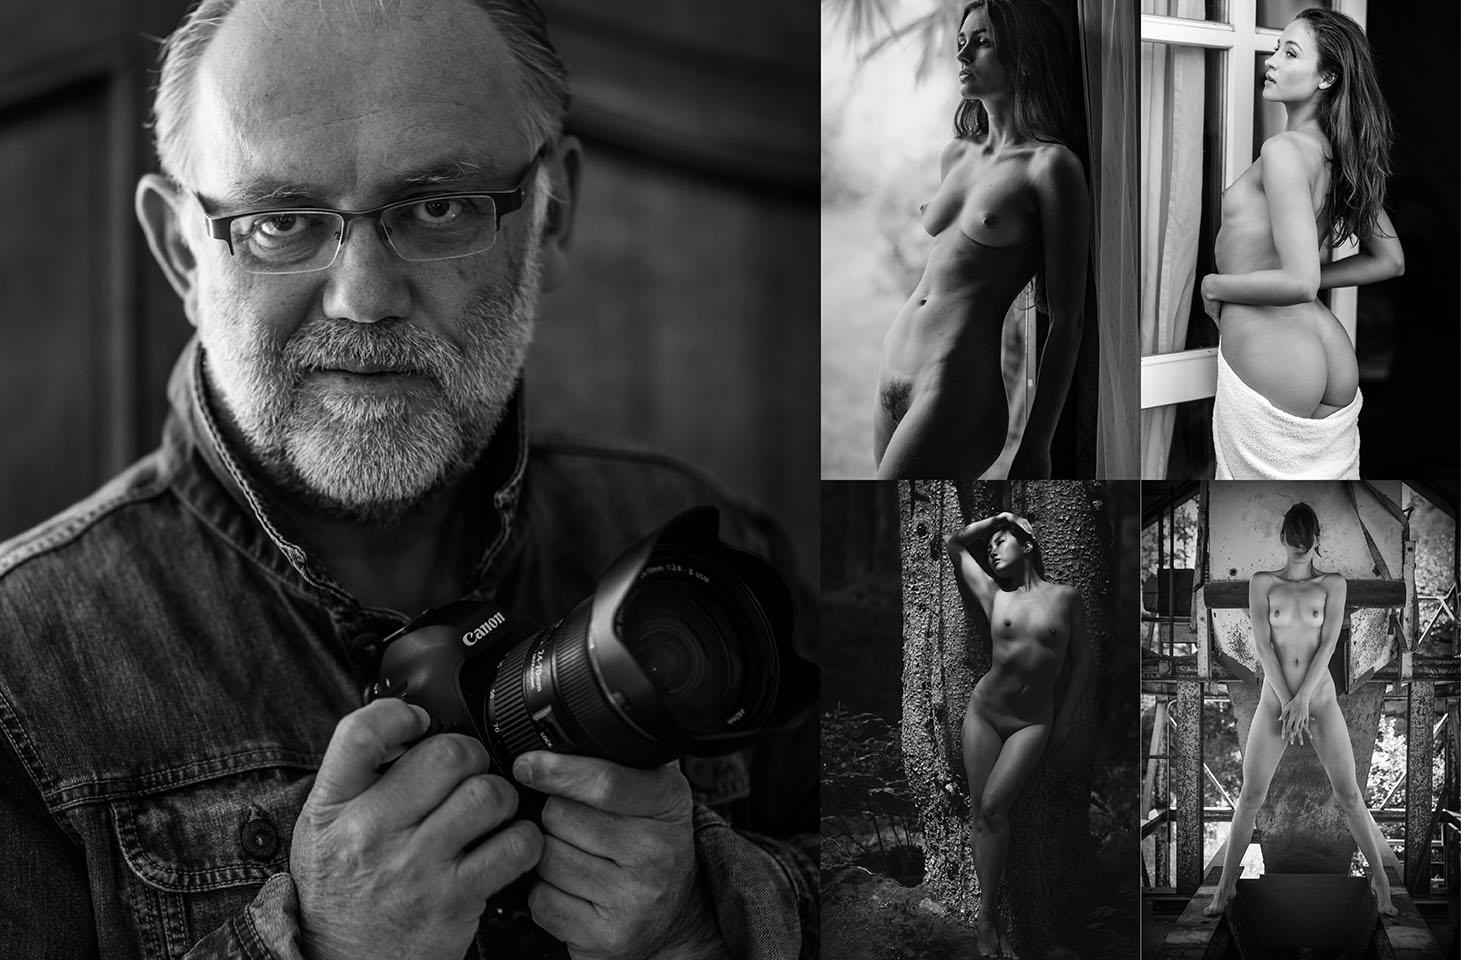 Reto Heiz, Akt Fotografie, fotopix.ch, nudeART.ch (1400) -